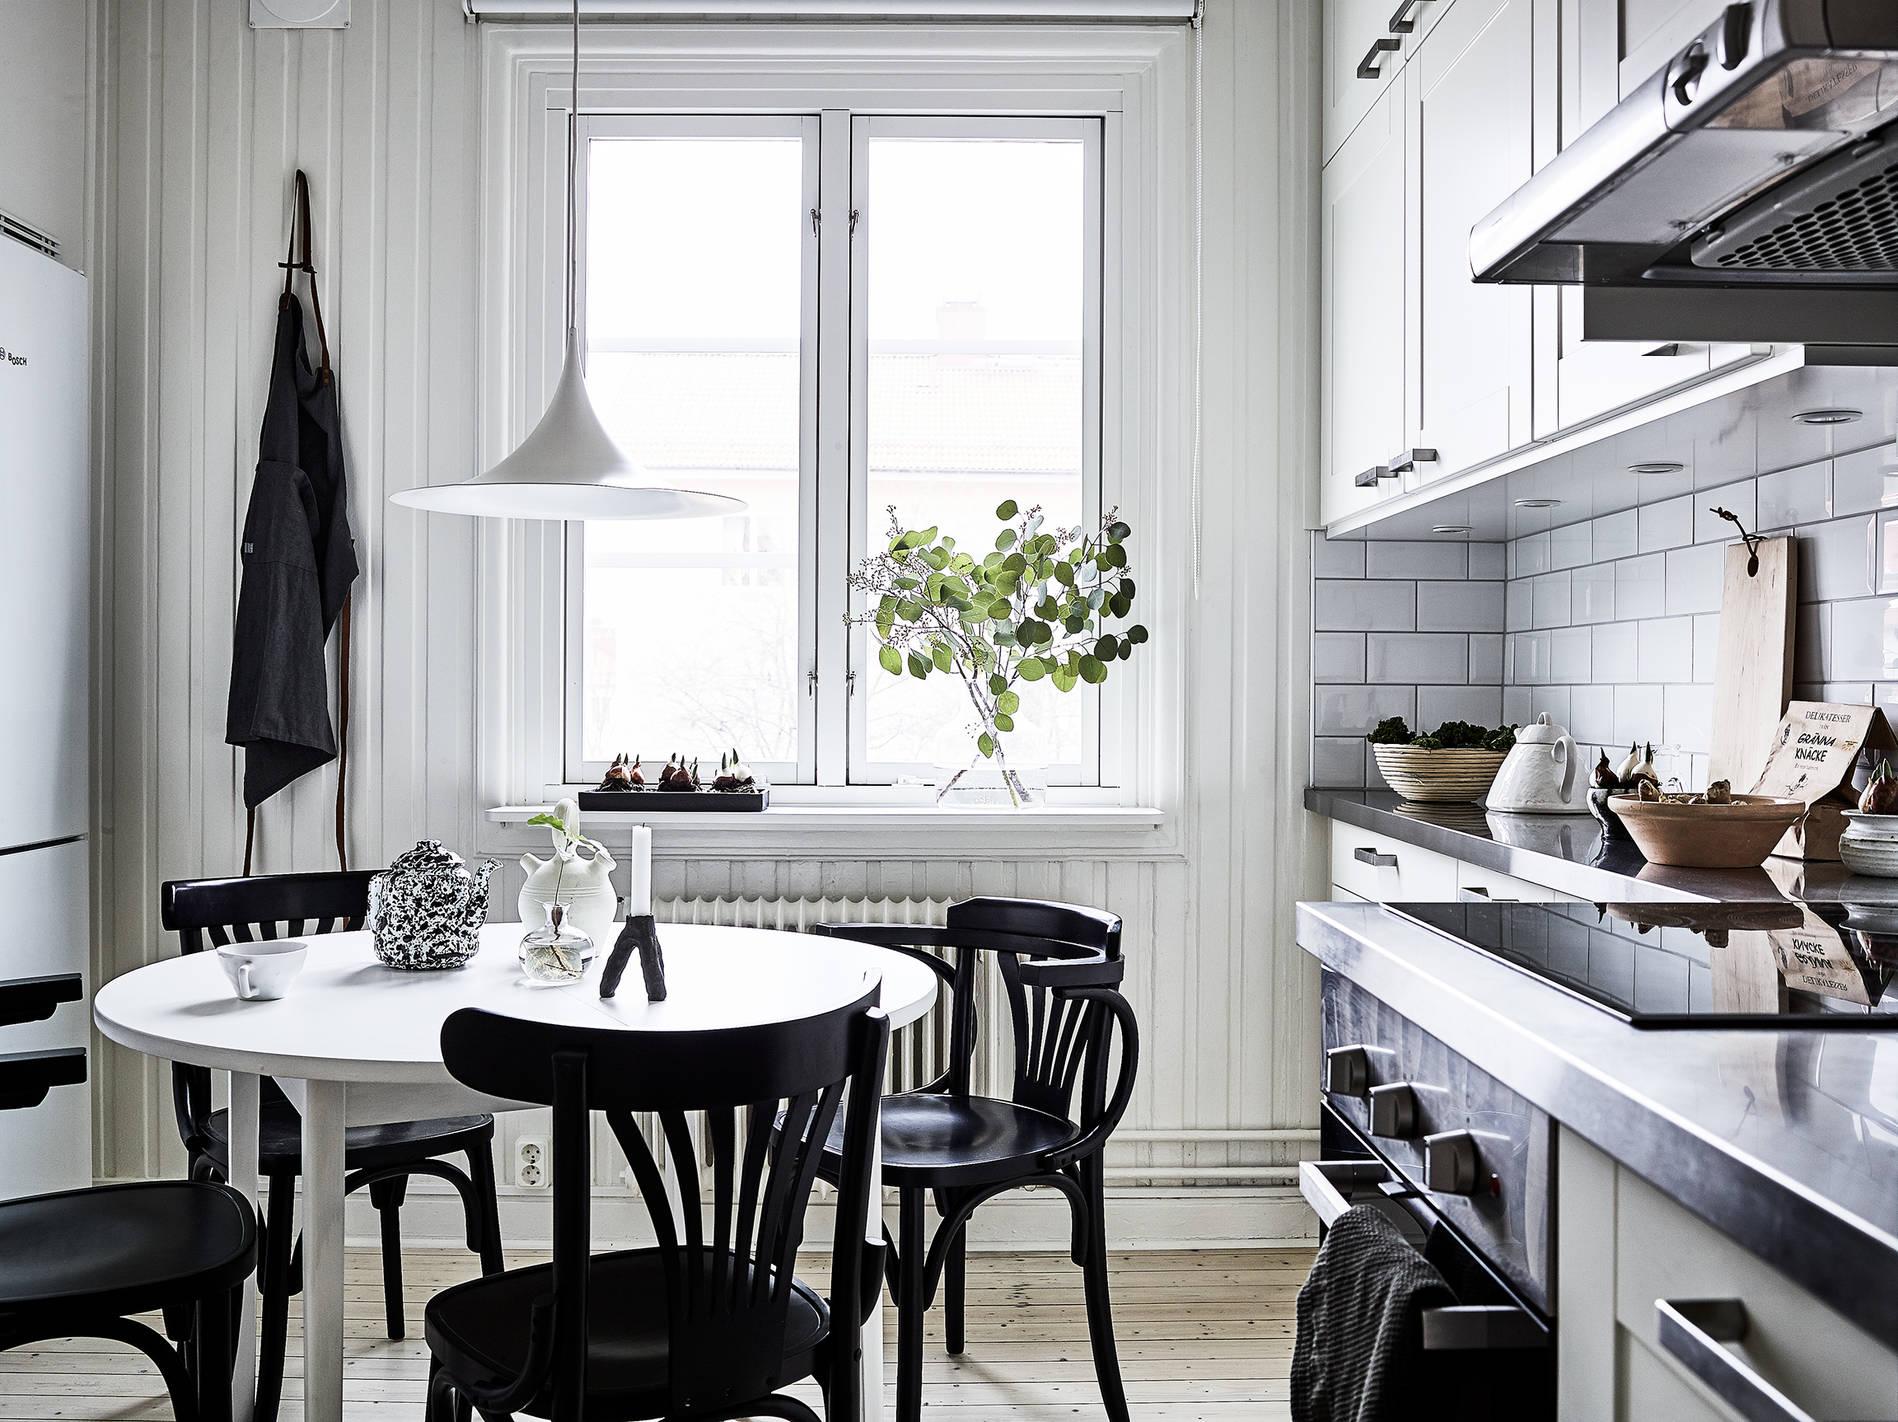 Mesa blanca sillas negras blog tienda decoraci n estilo for Sillas cocina negras